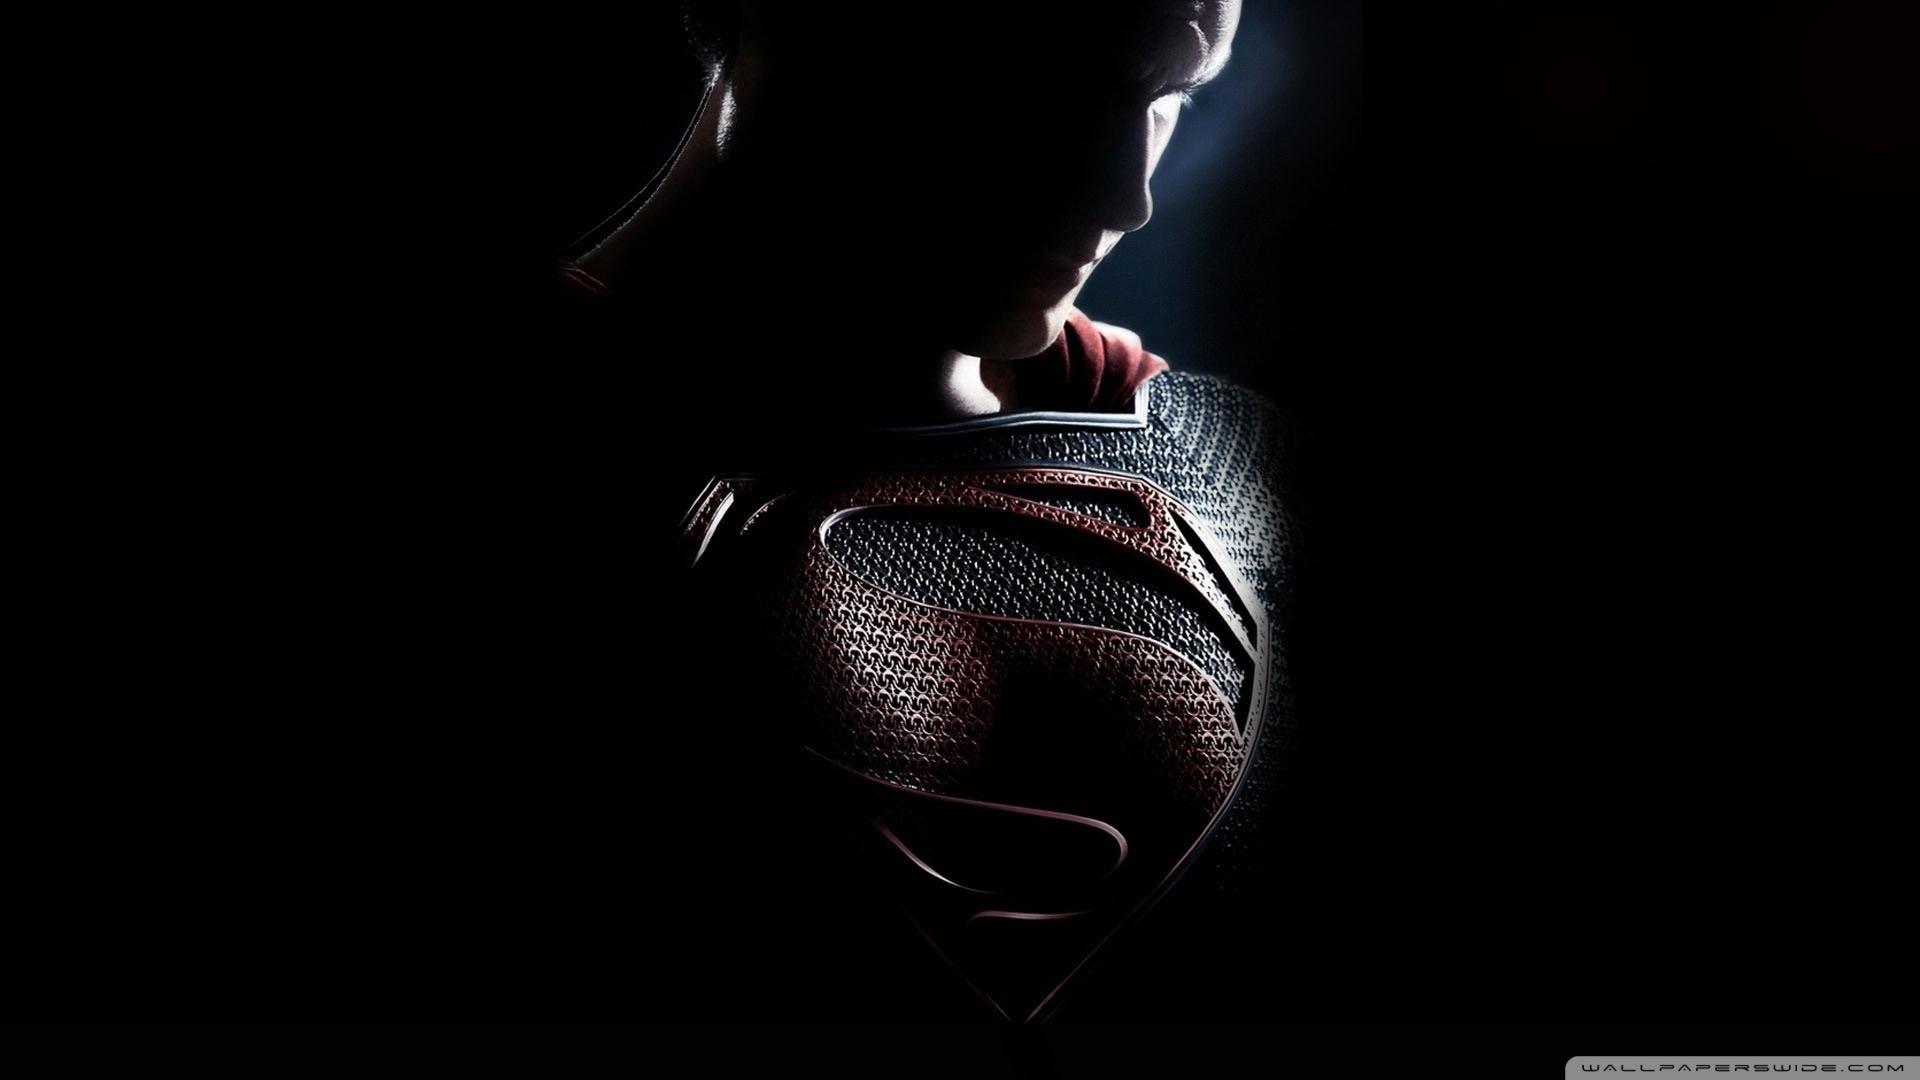 man of steel 2013 superman ❤ 4k hd desktop wallpaper for 4k ultra